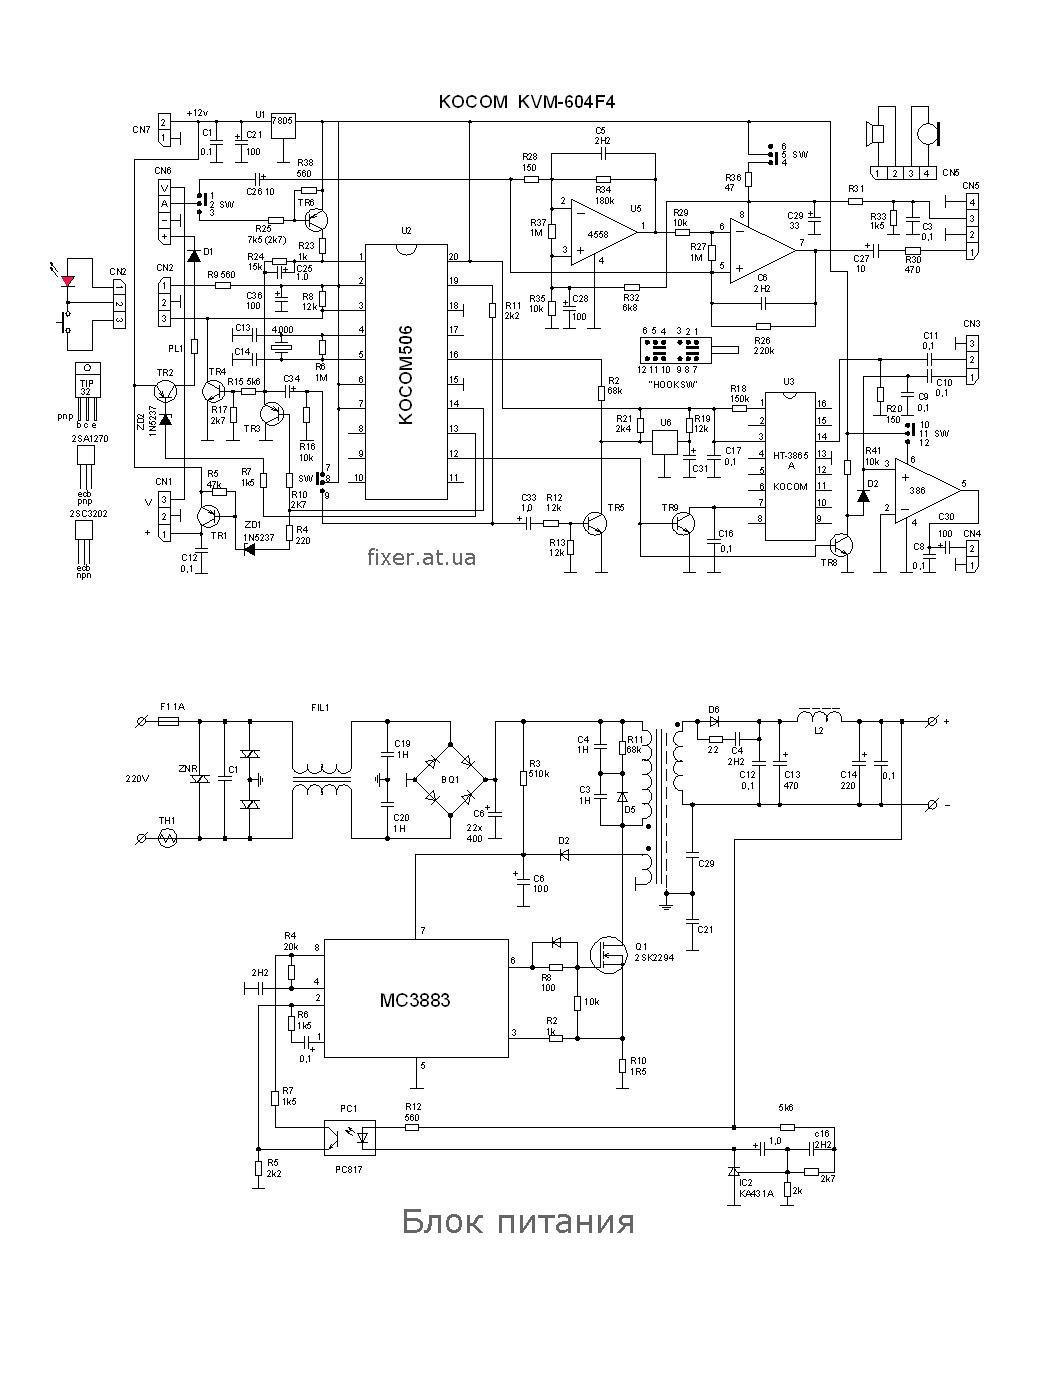 Схема подключение видеодомофона kocom 624